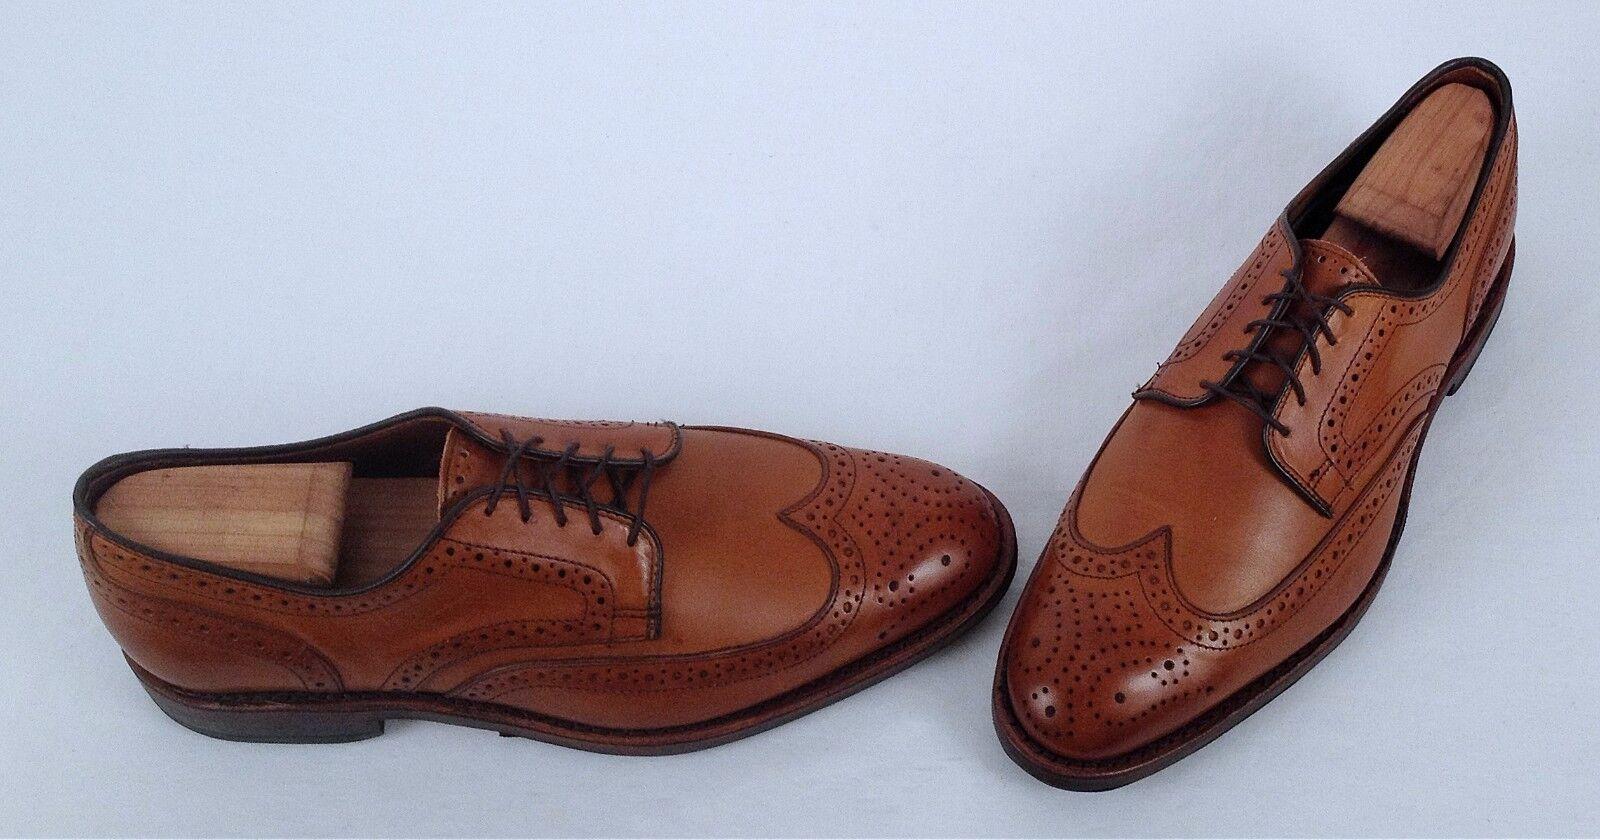 Allen Edmonds 'Player Shoe' Wingtip Oxford - Walnut- Taglia 8 D  395